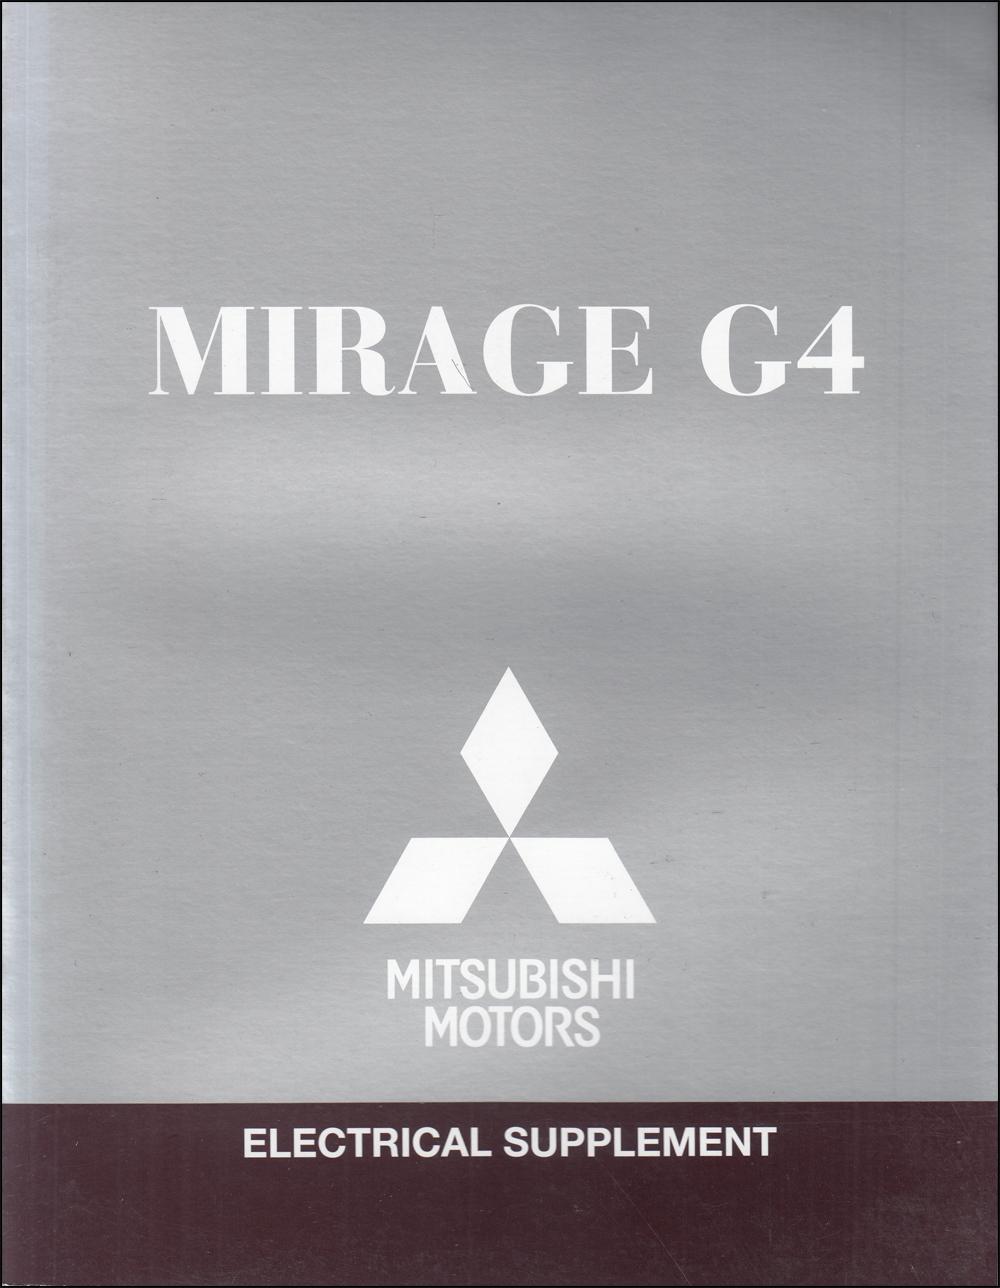 2017 Mitsubishi Mirage G4 Wiring Diagram Manual Original